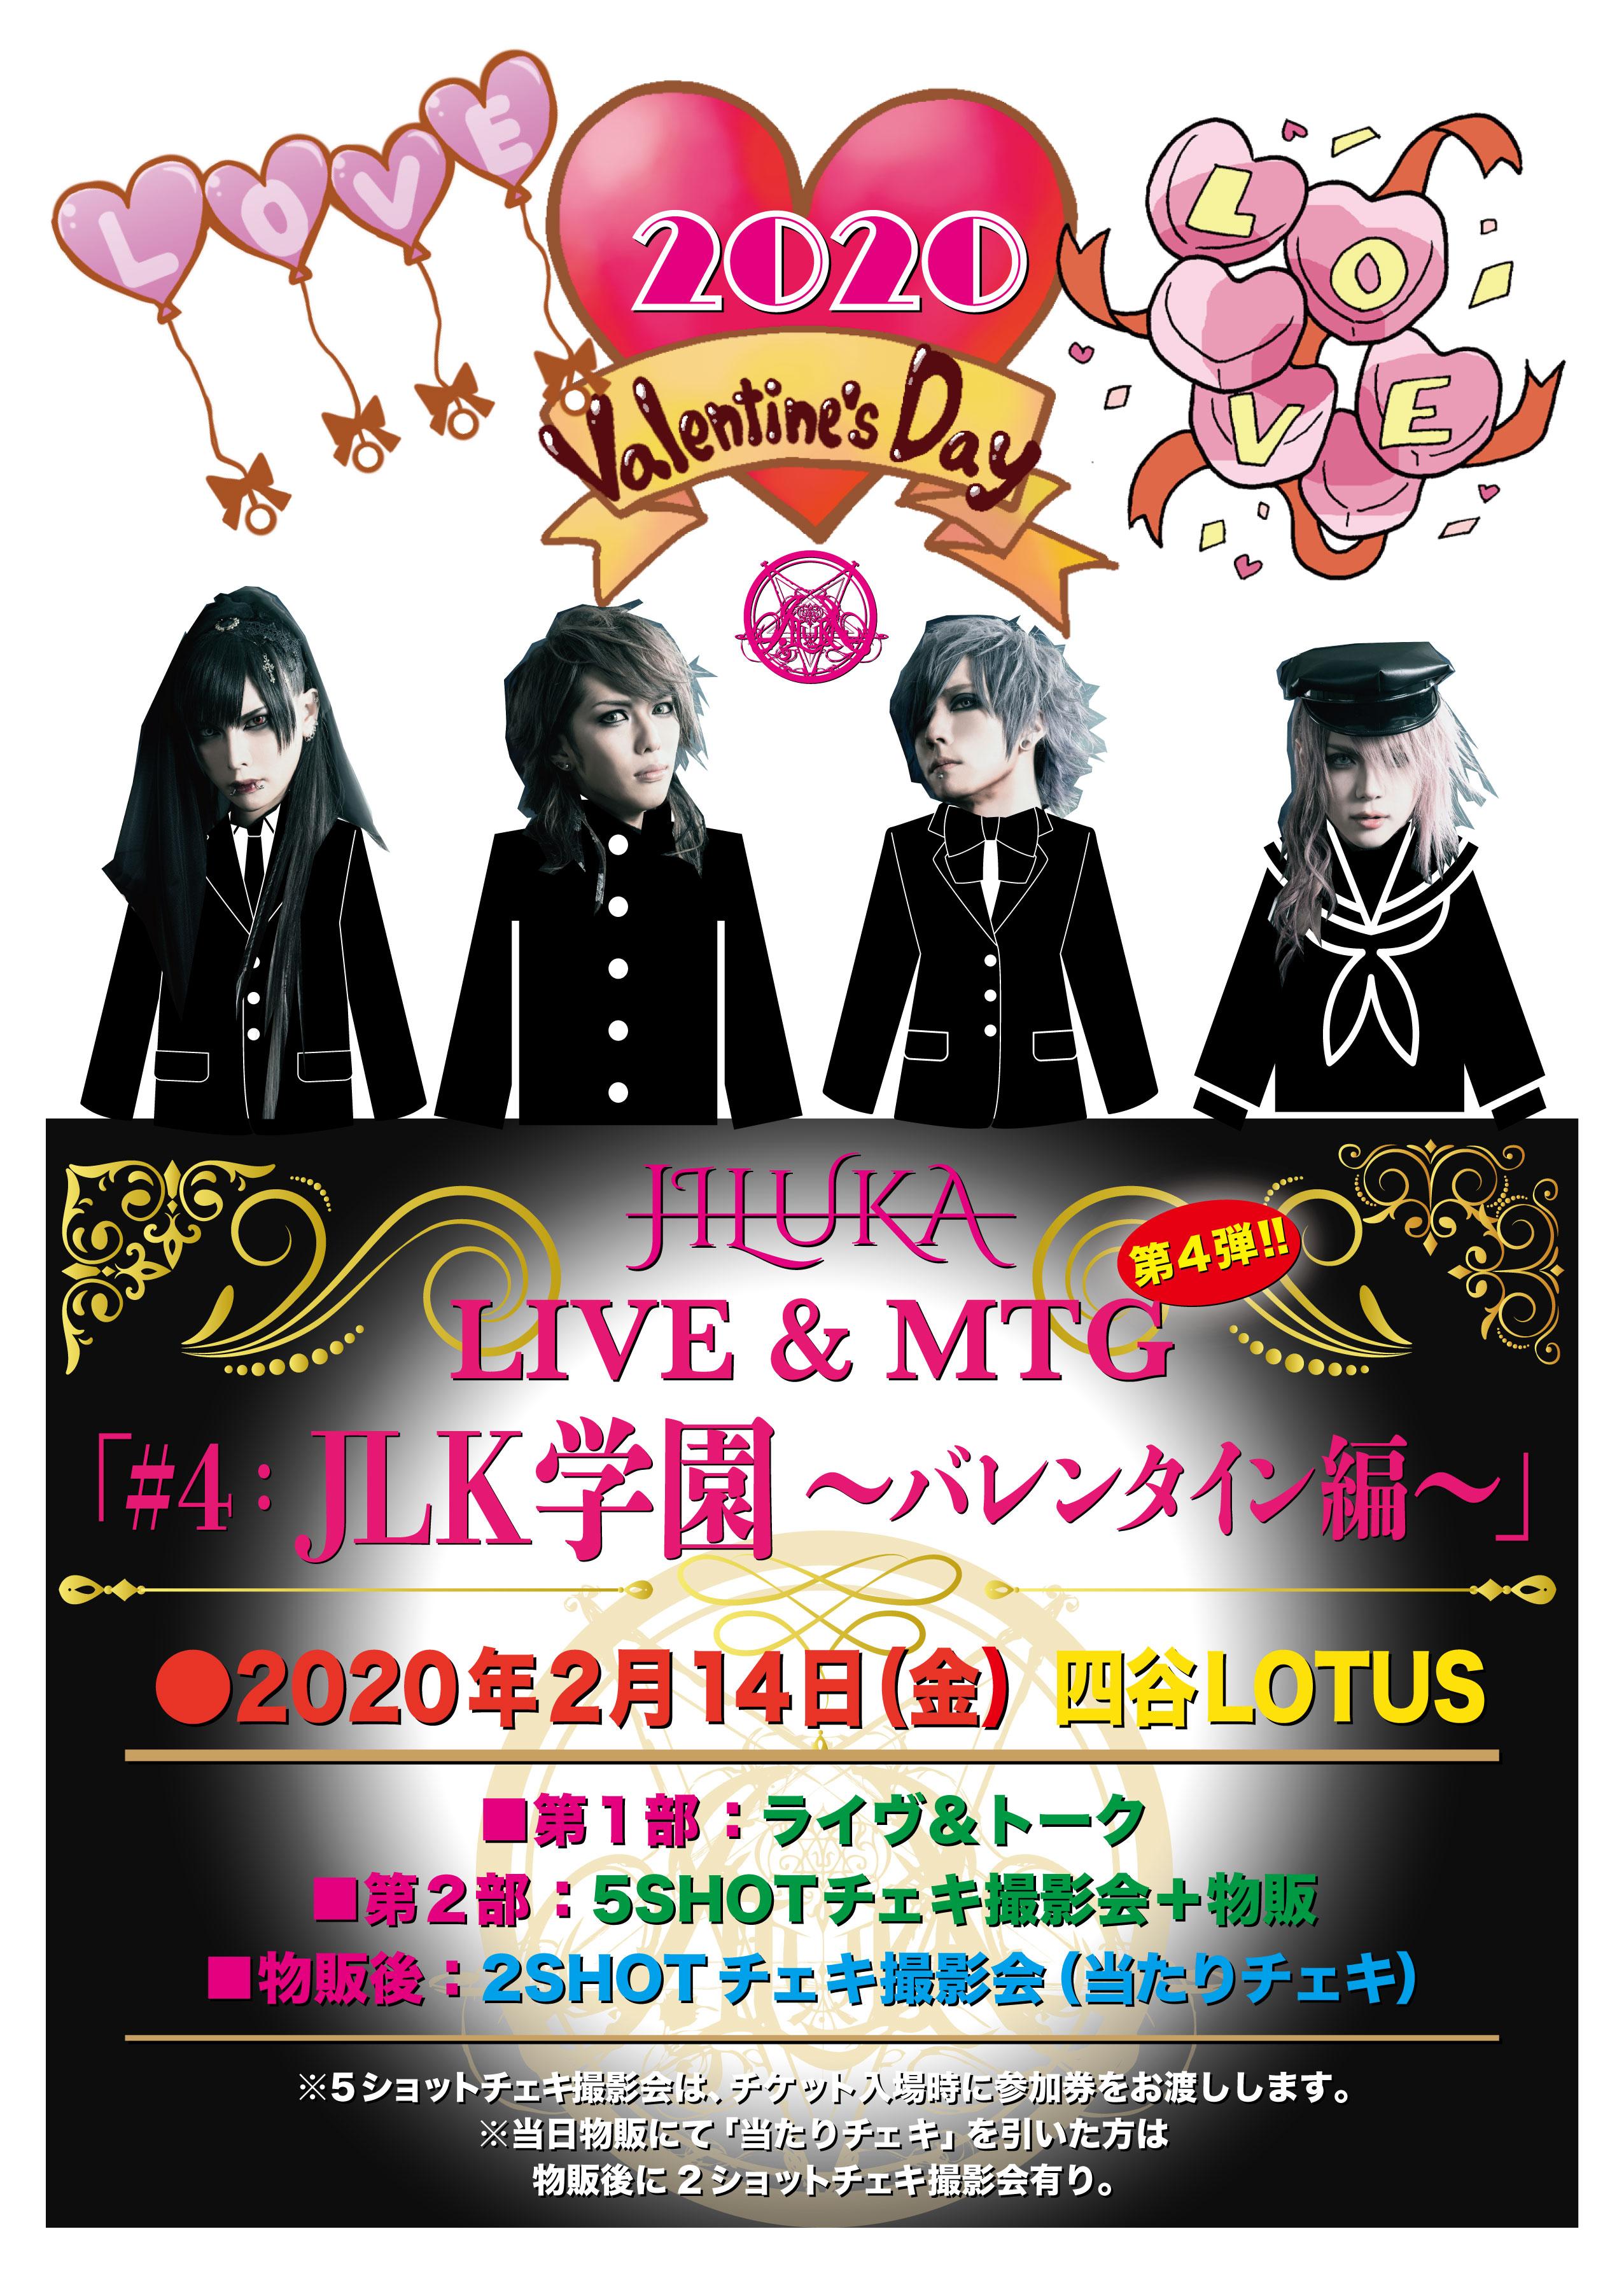 四谷●LOTUS(LIVE&MTG)